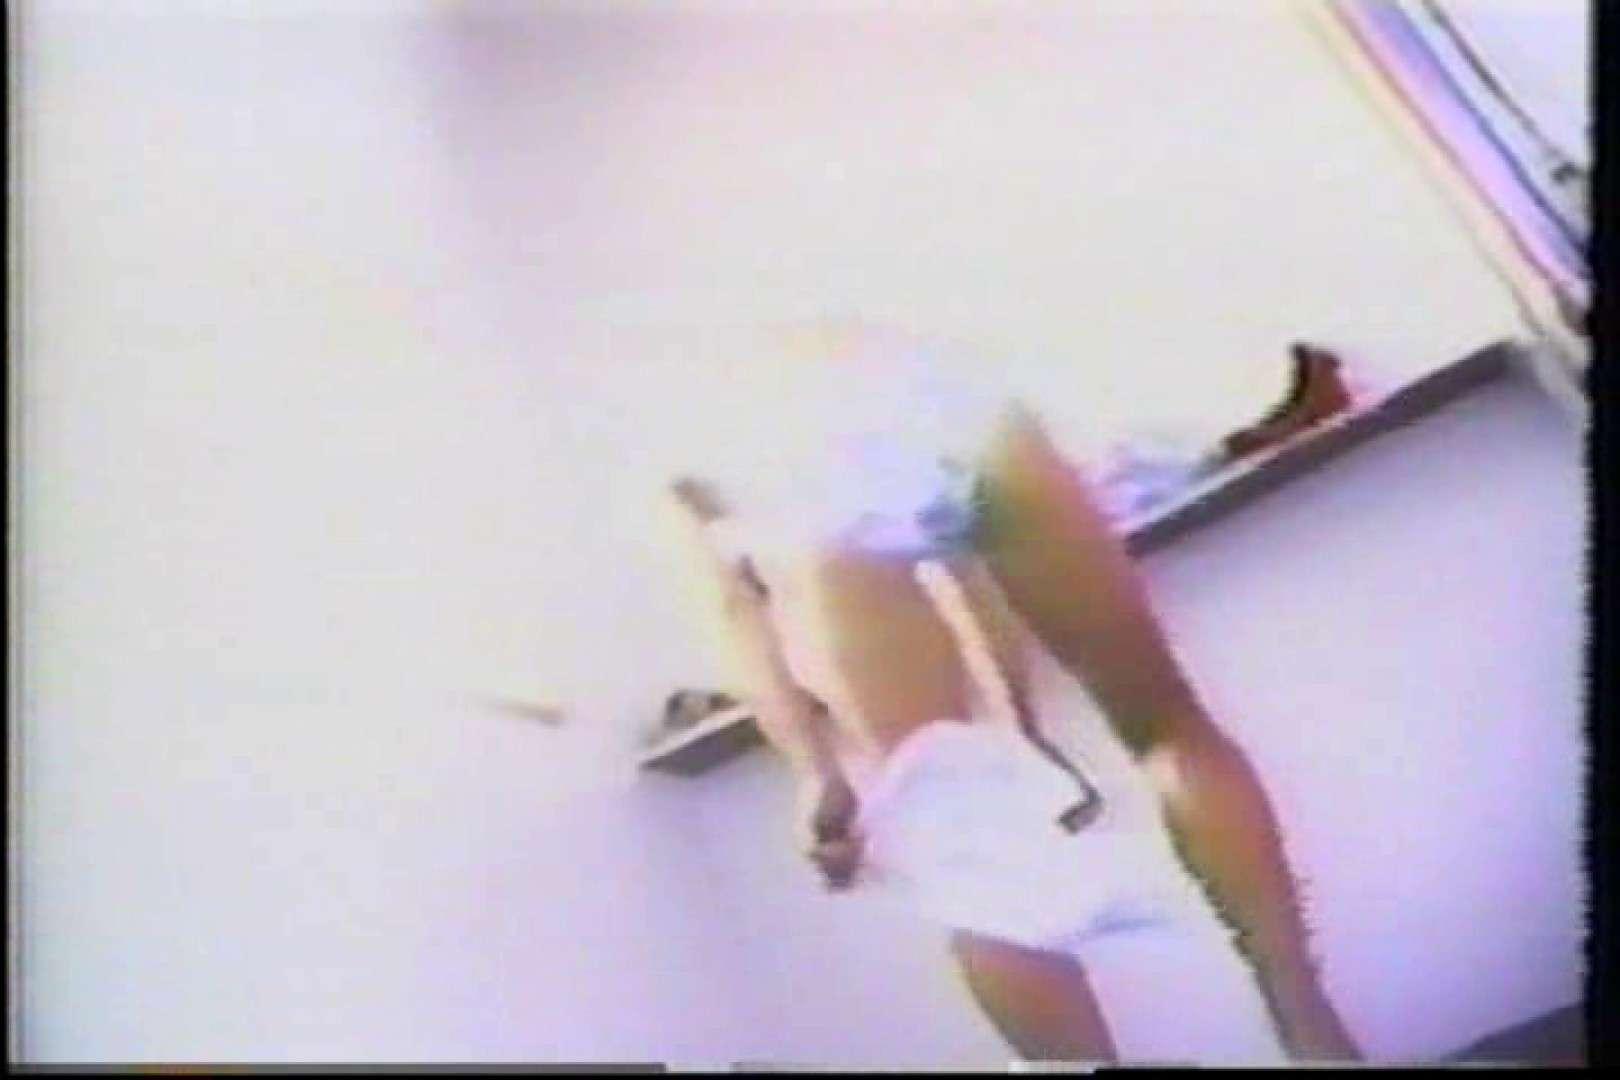 海の家の個室更衣室盗撮 全身全裸が丸見え TK-95 丸見えマンコ   カップルのセックス  87PIX 86